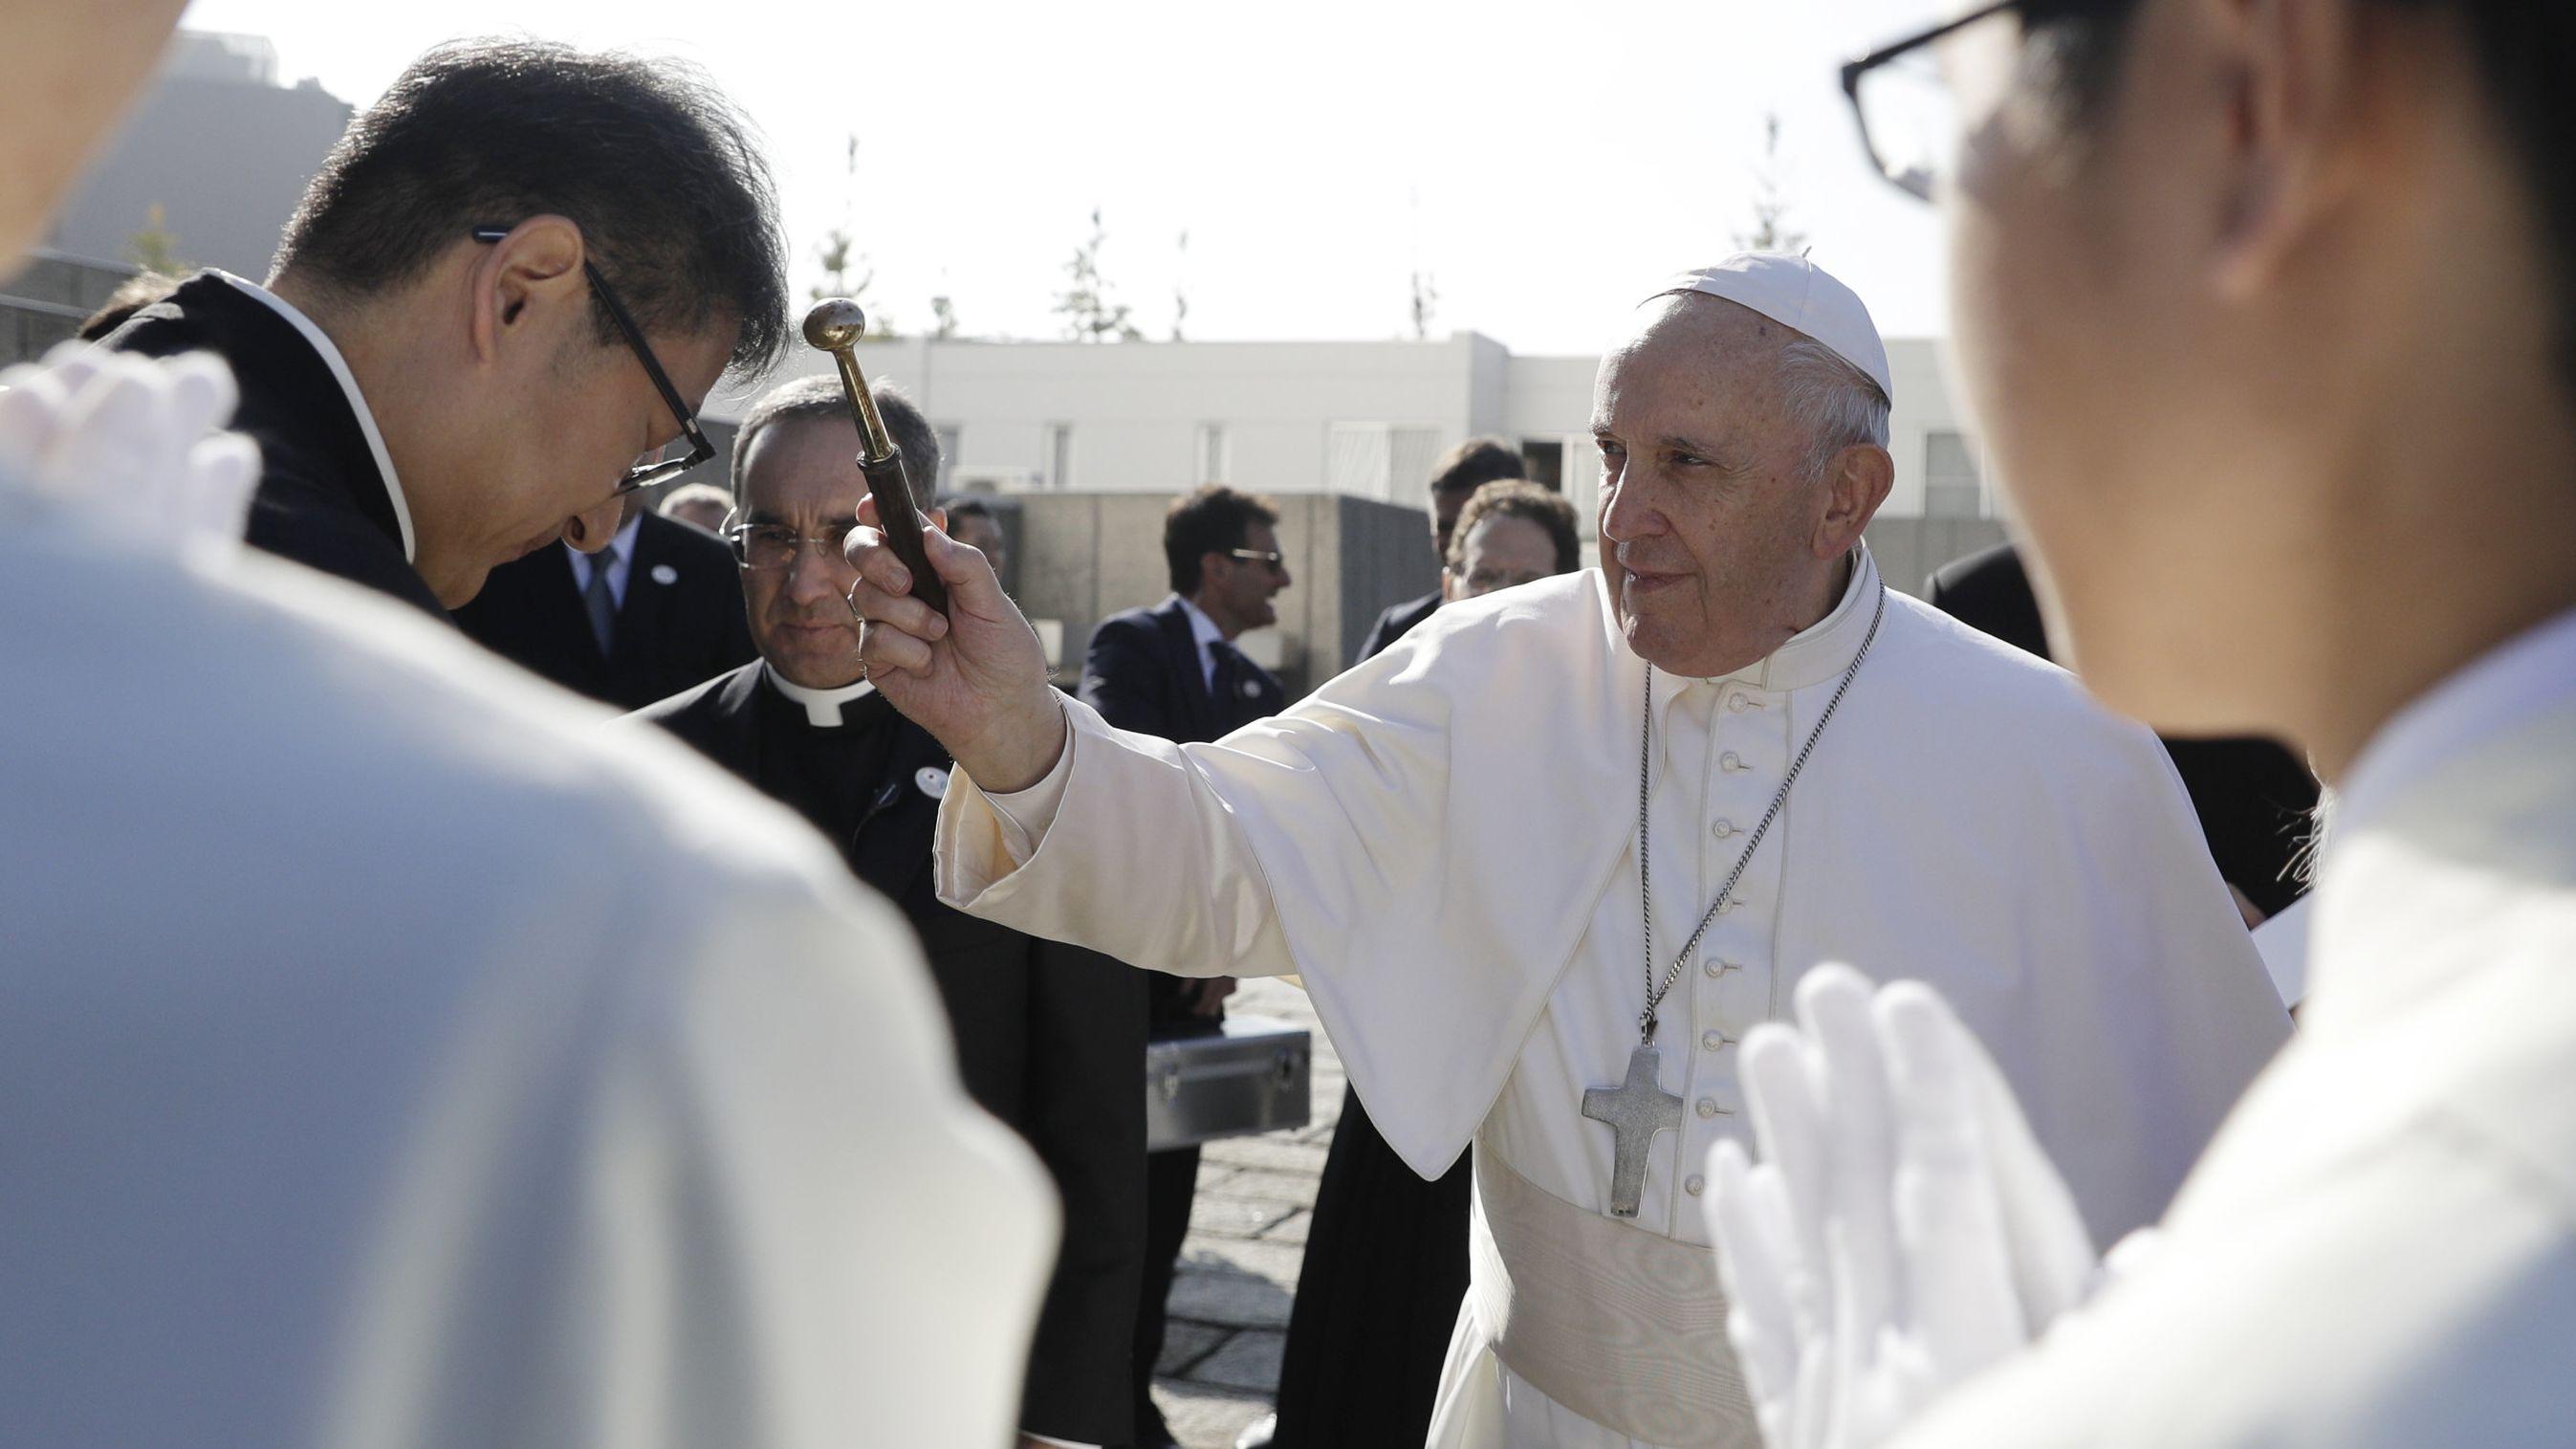 Papst Franziskus streut Weihwasser, während er am 25.11.19 in Tokio die Kathedrale St. Marien betritt.